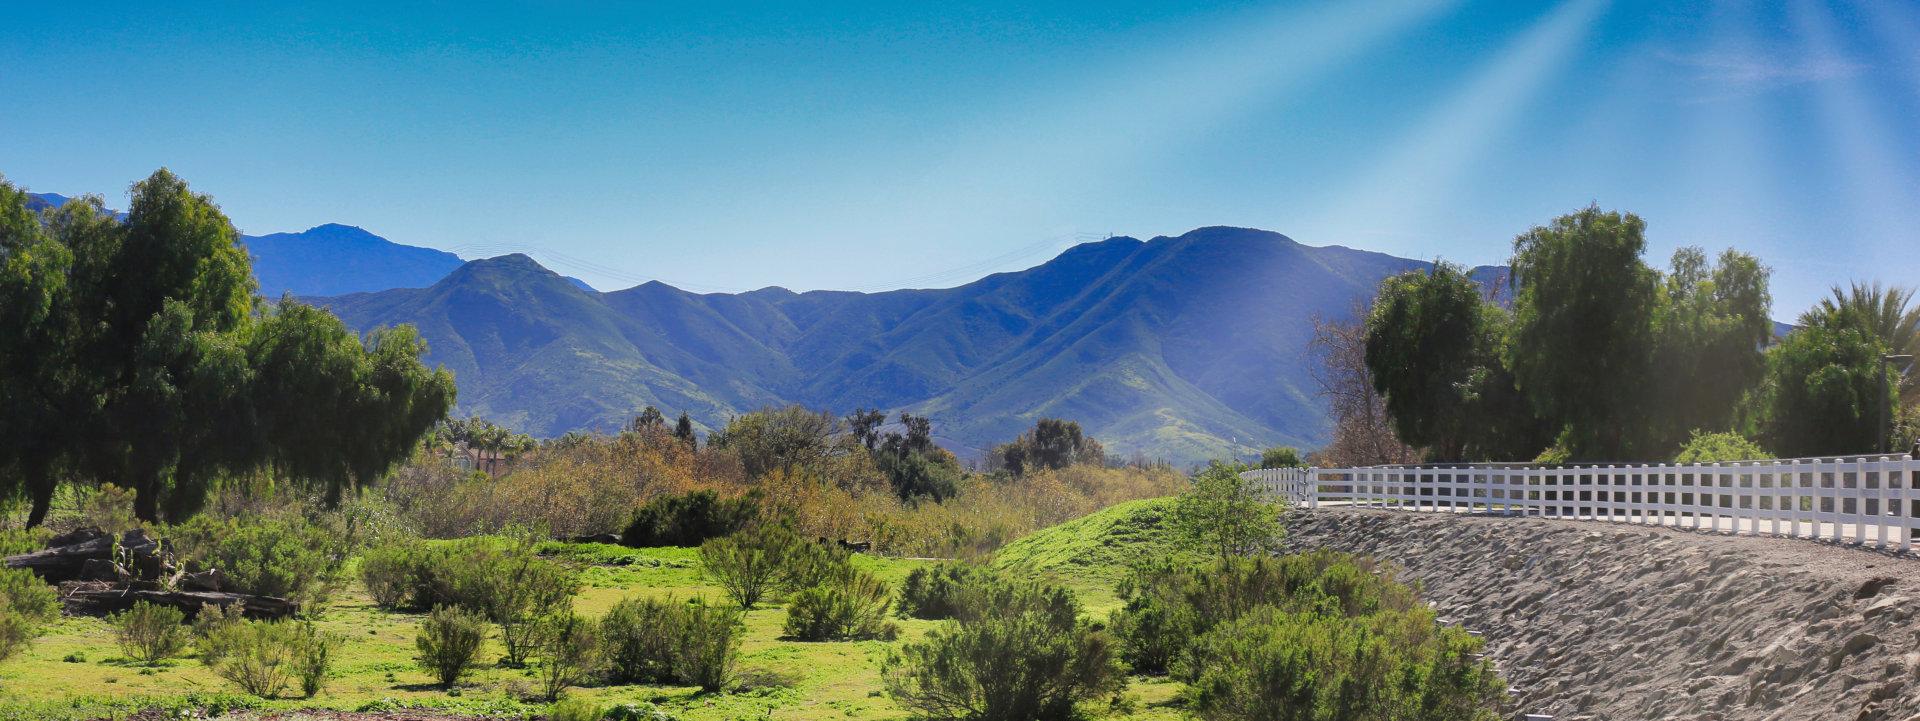 calleguas water company bike trail camarillo california